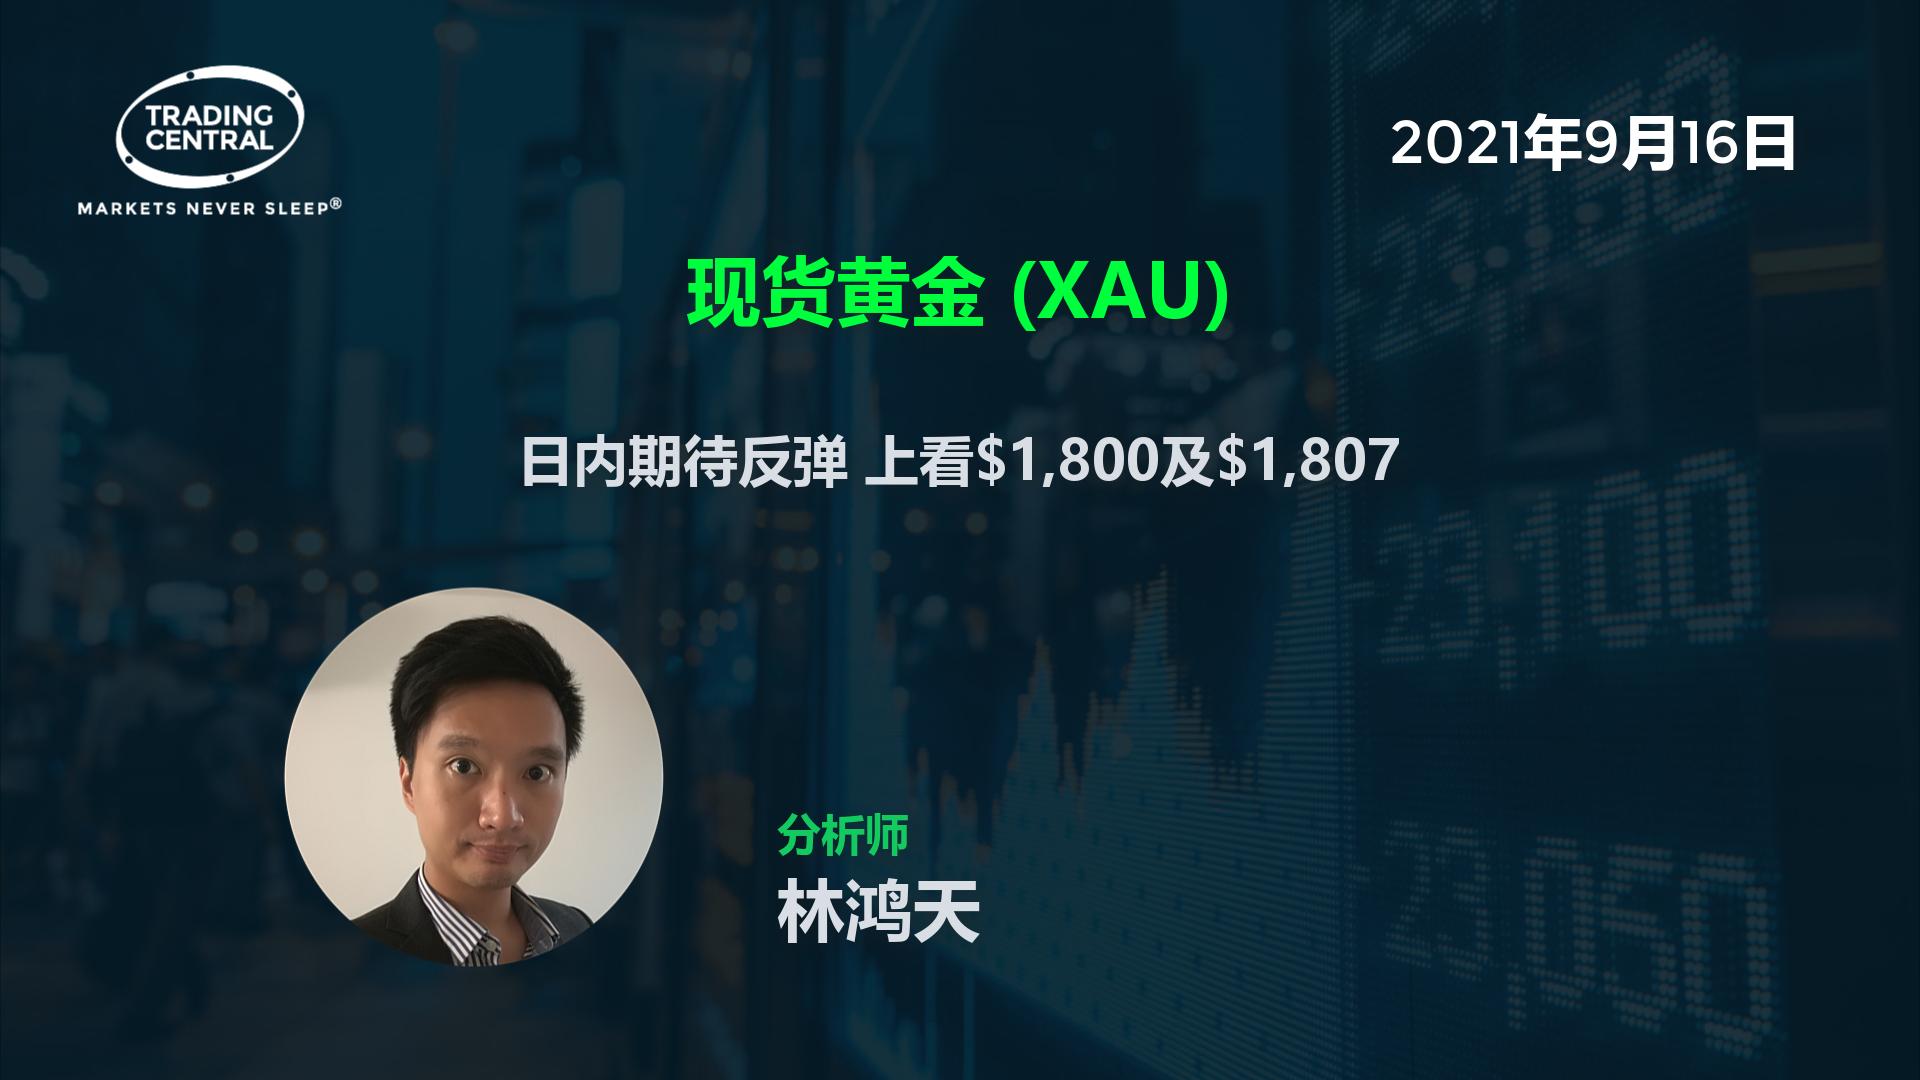 现货黄金 (XAU) - 日内期待反弹 上看$1,800及$1,807